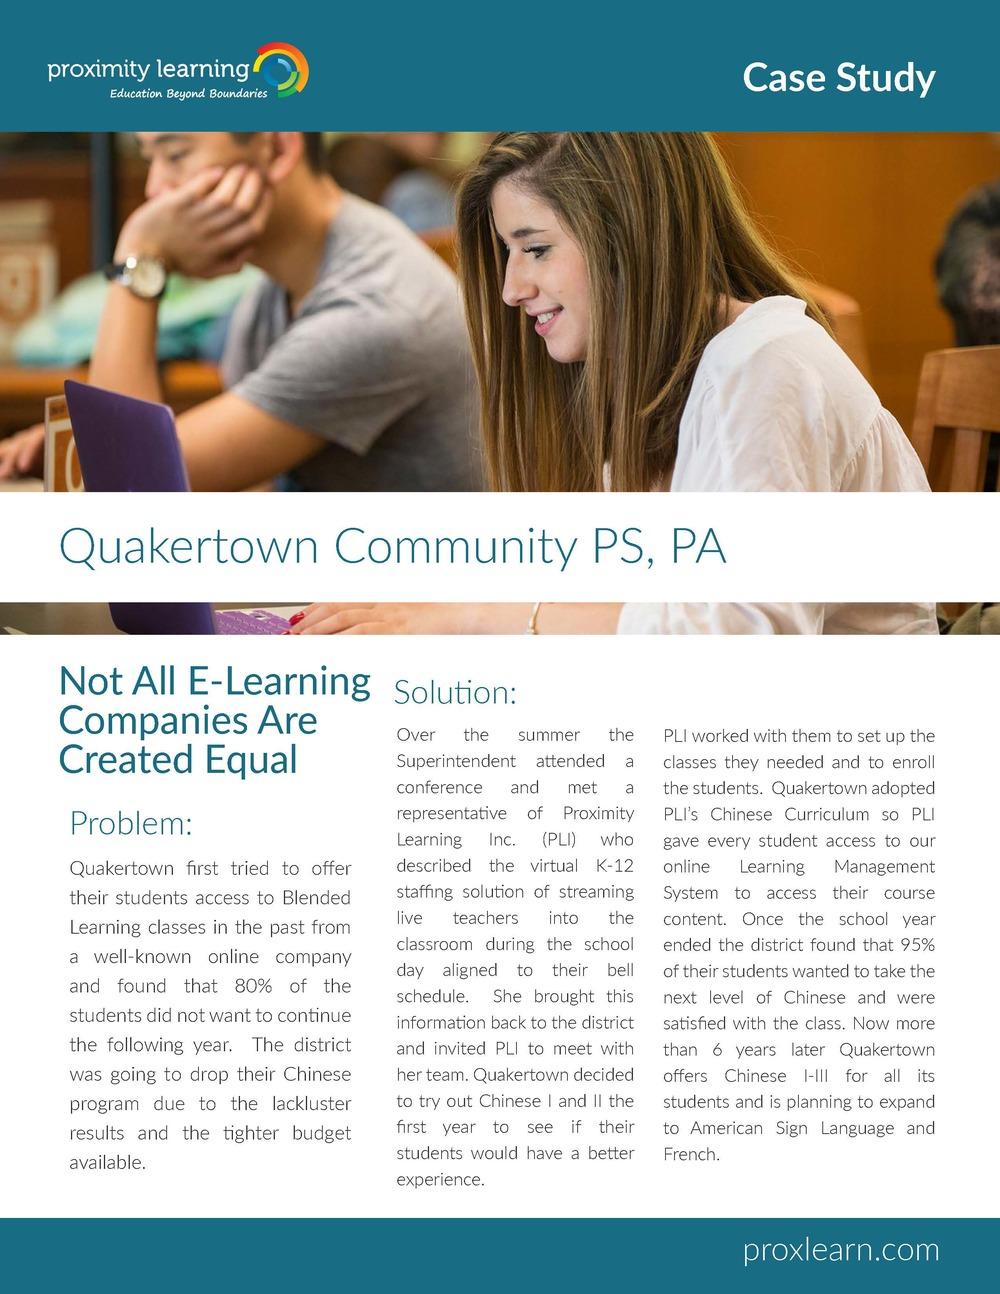 Quakertown Community